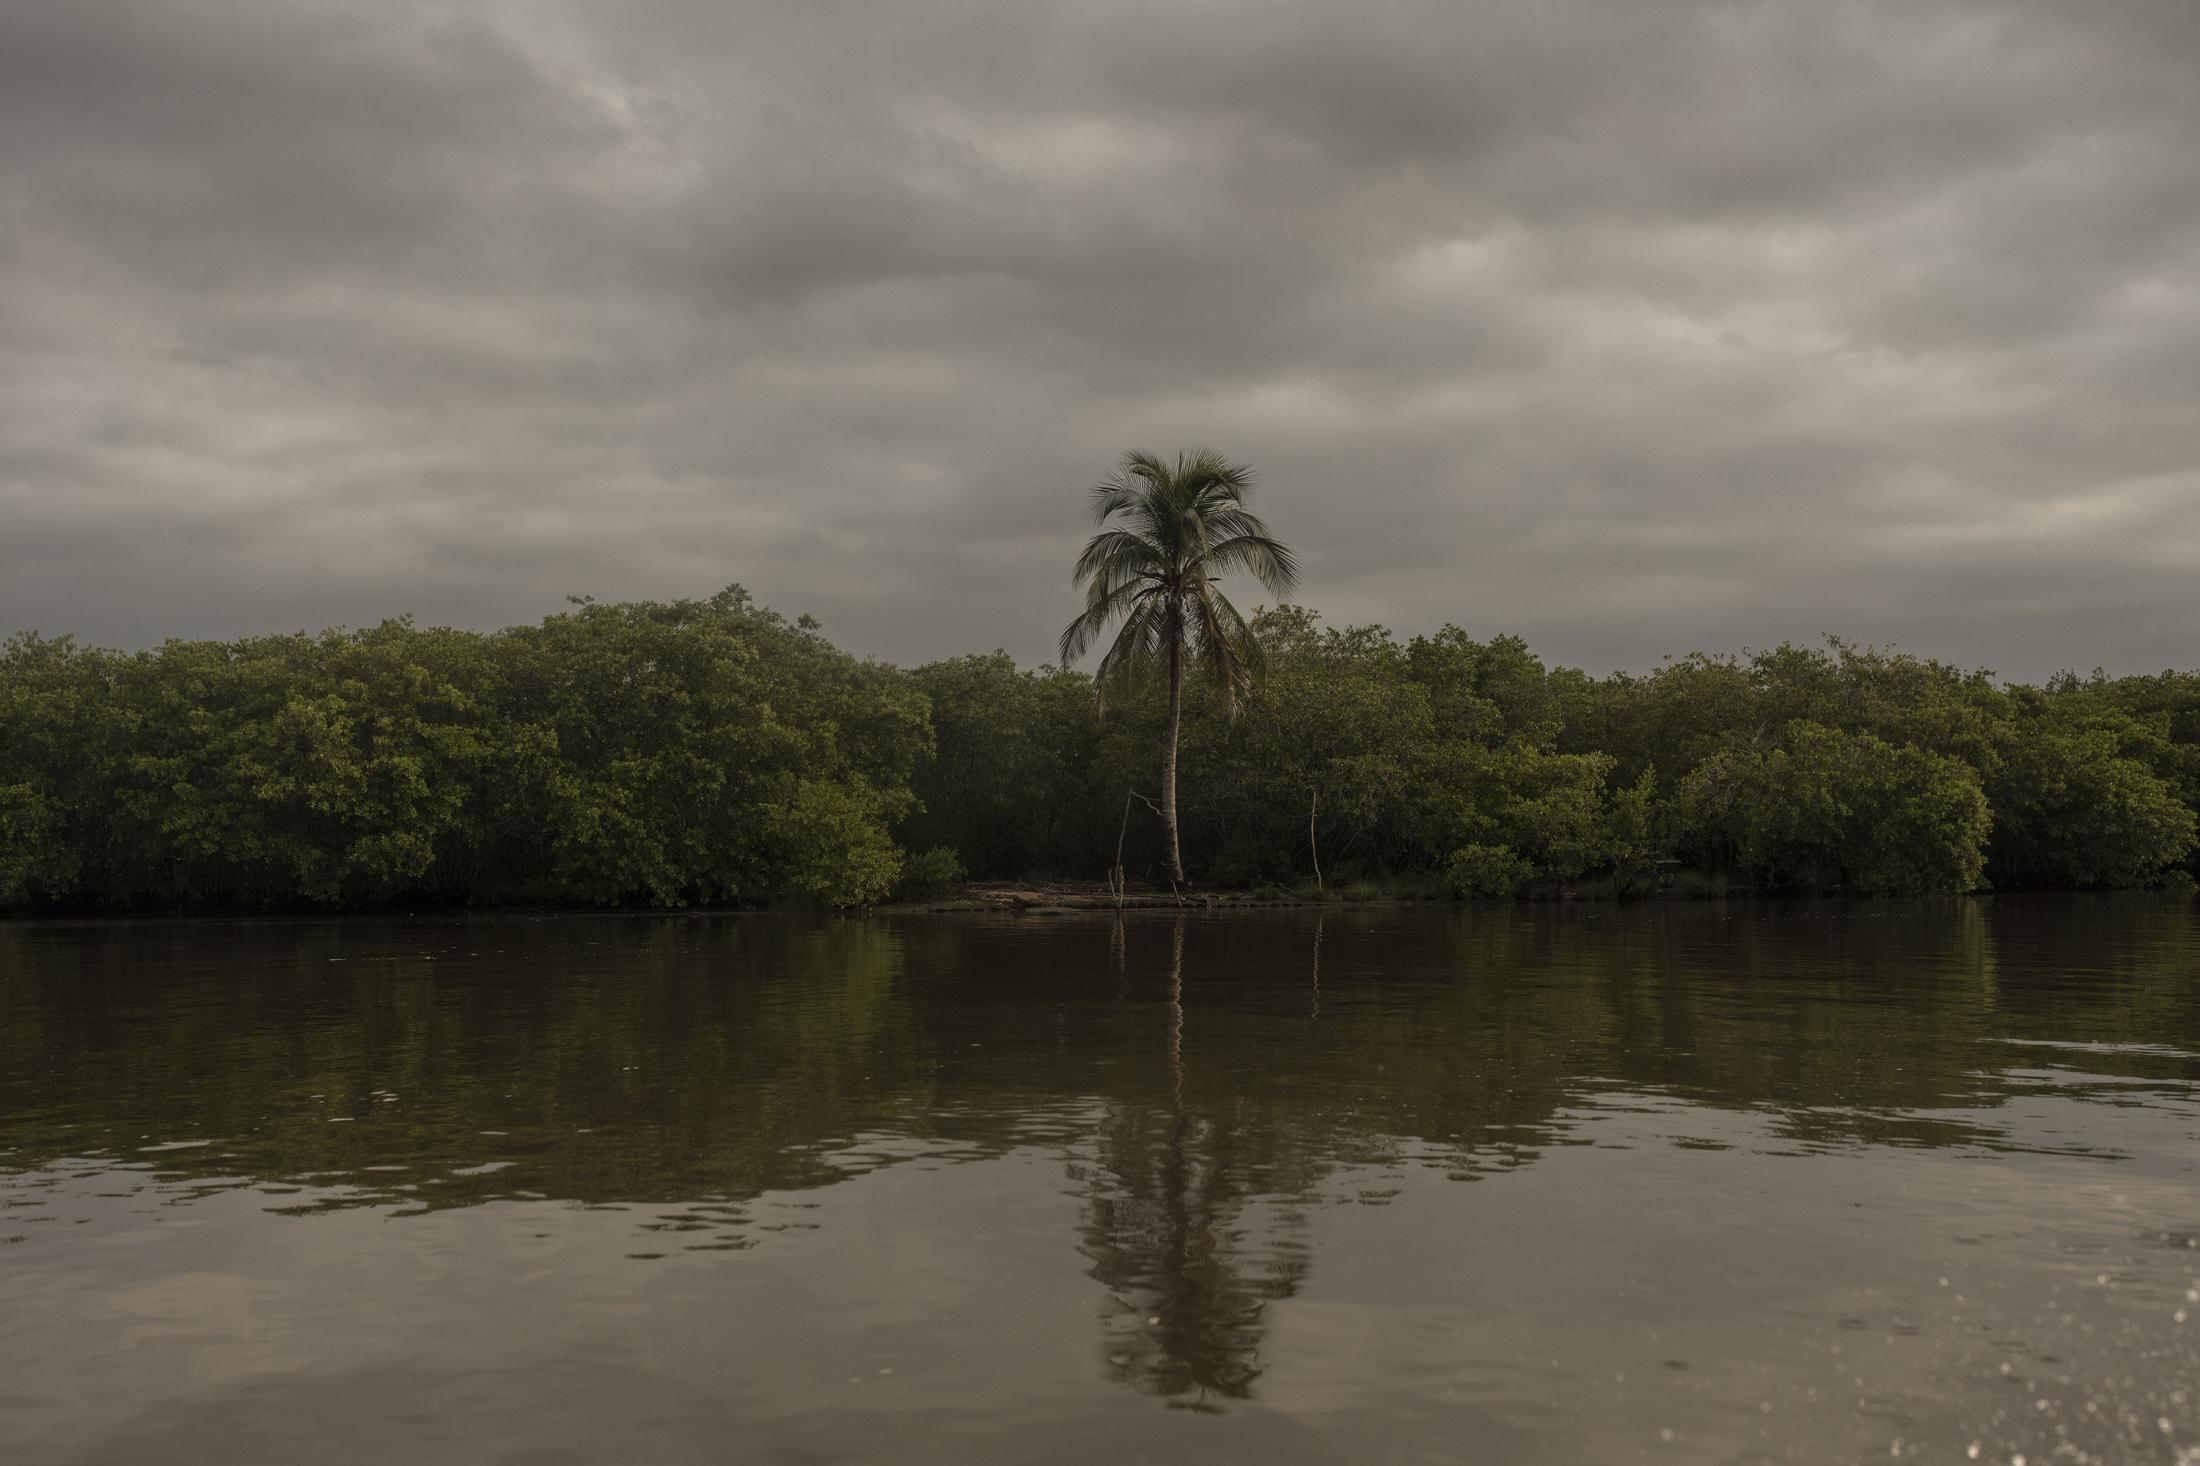 Paisaje del Sistema Lagunar de Alvarado, en él se encuentran diversas comunidades que viven de la pesca y la apicultura, sin embargo, los servicios básicos como electricidad e internet son nulos.